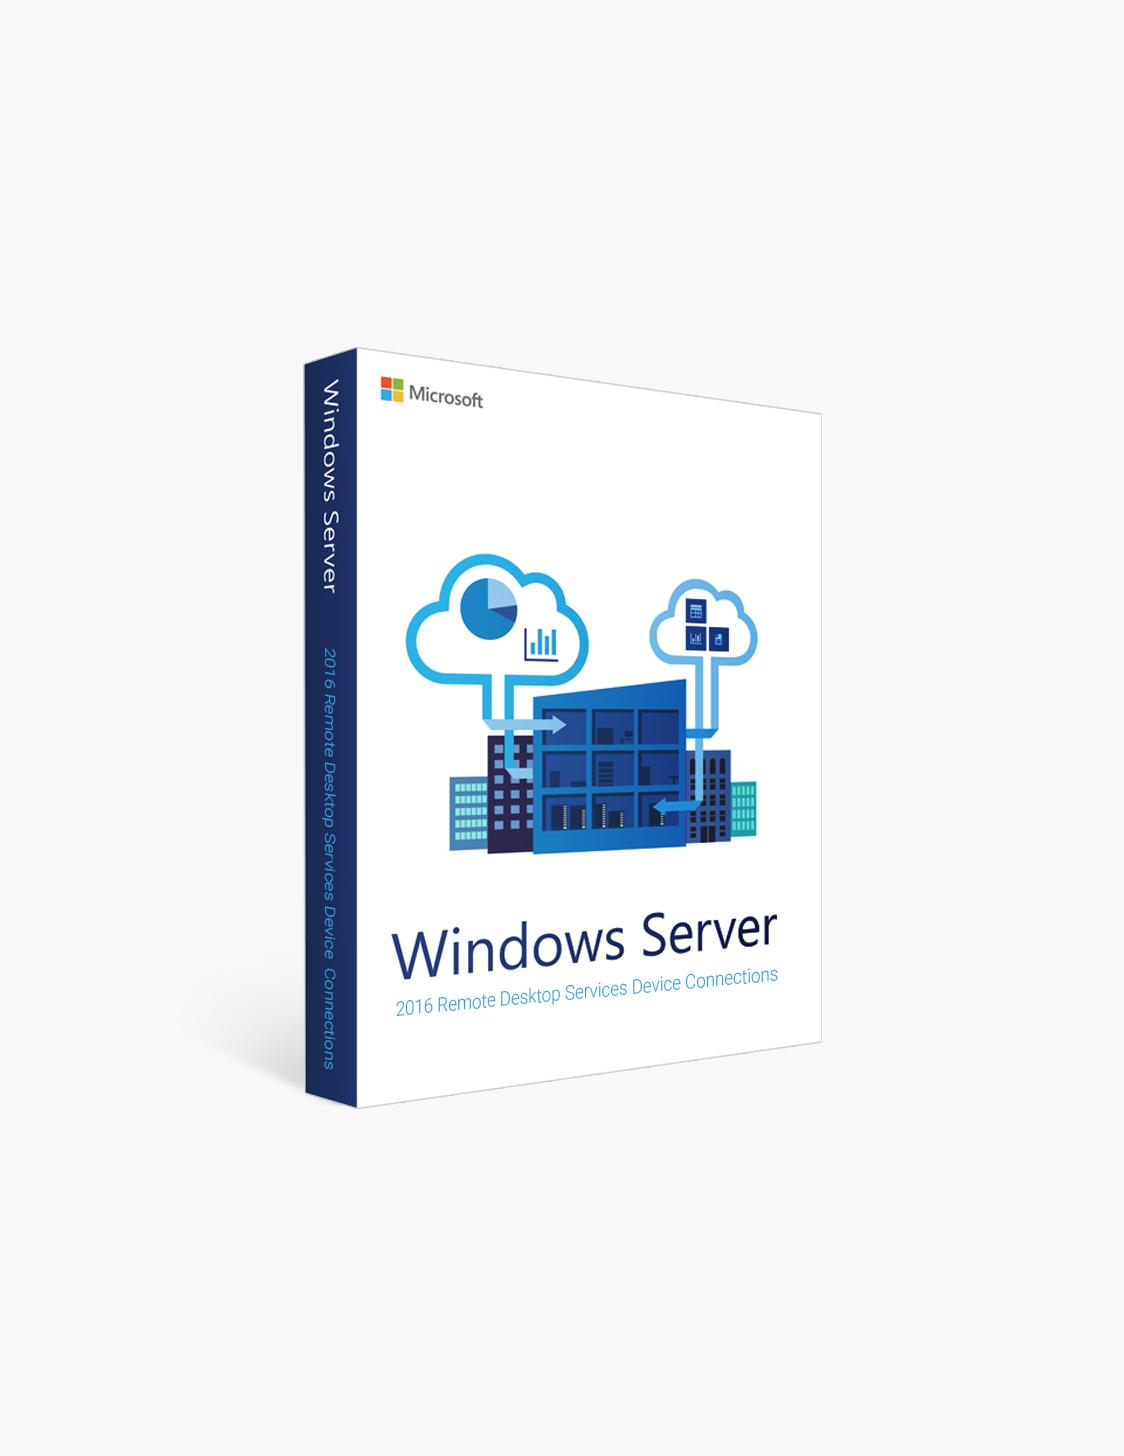 Windows Server 2016 Remote Desktop Services Device Connections (20)